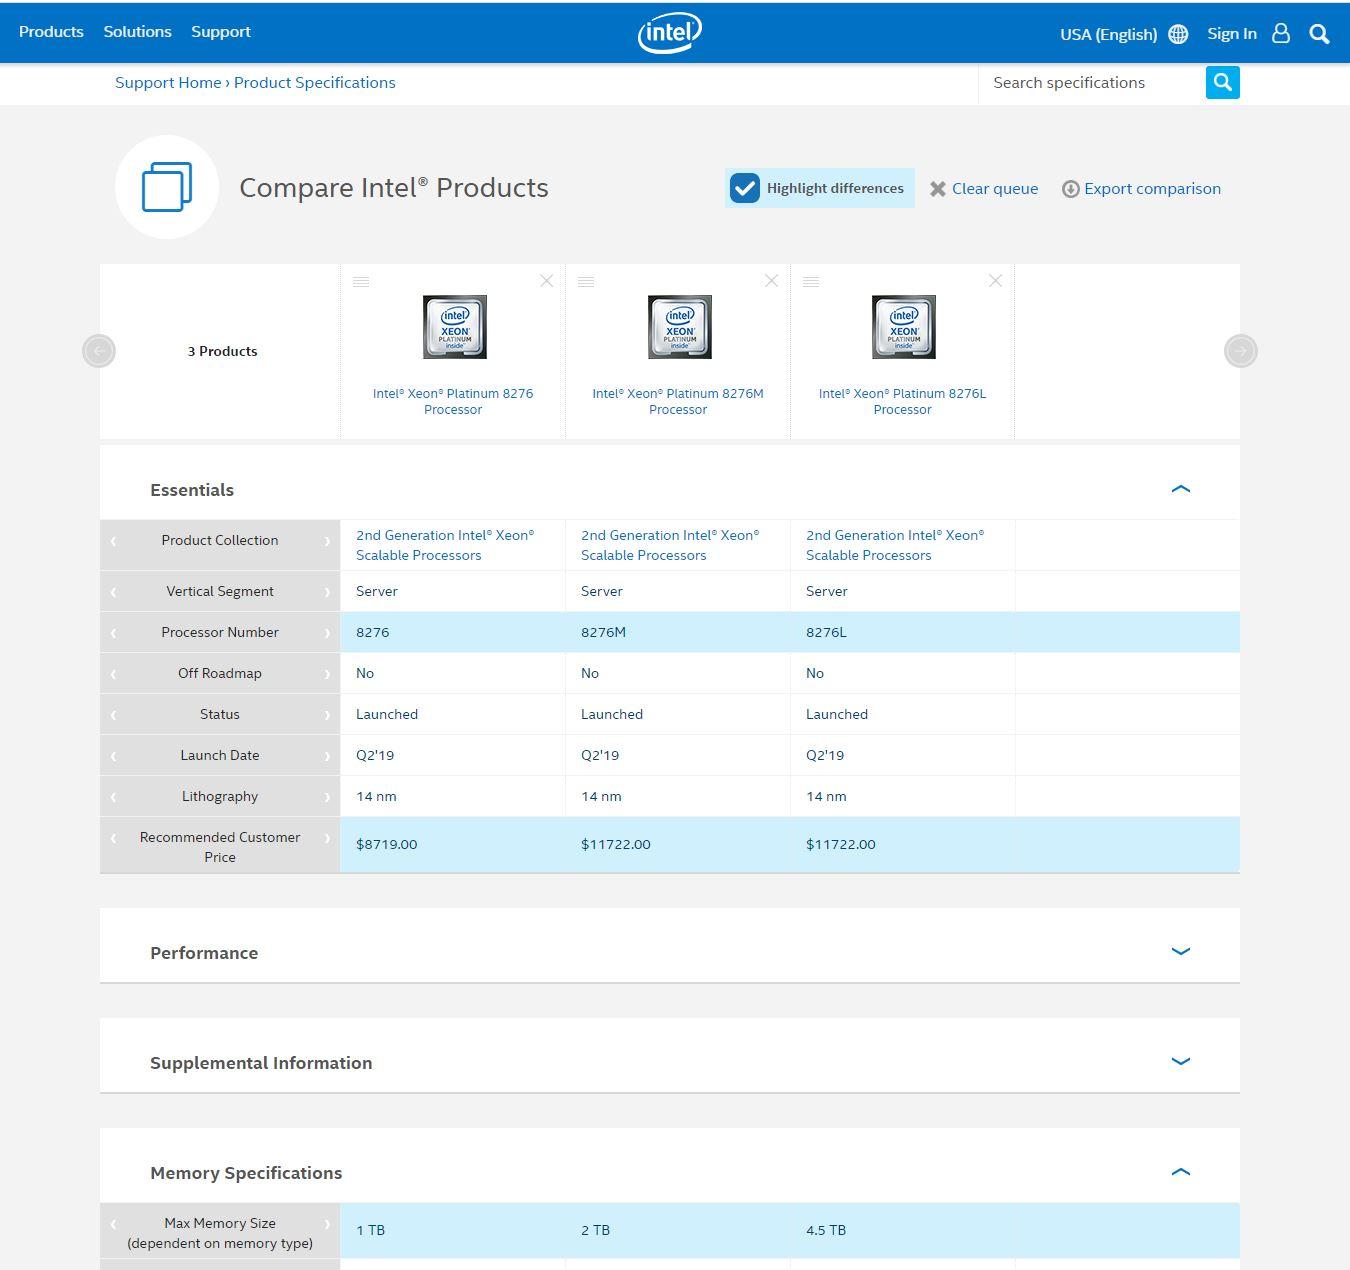 Intel ARK Xeon Platinum 8276 Comparison 2020 02 23